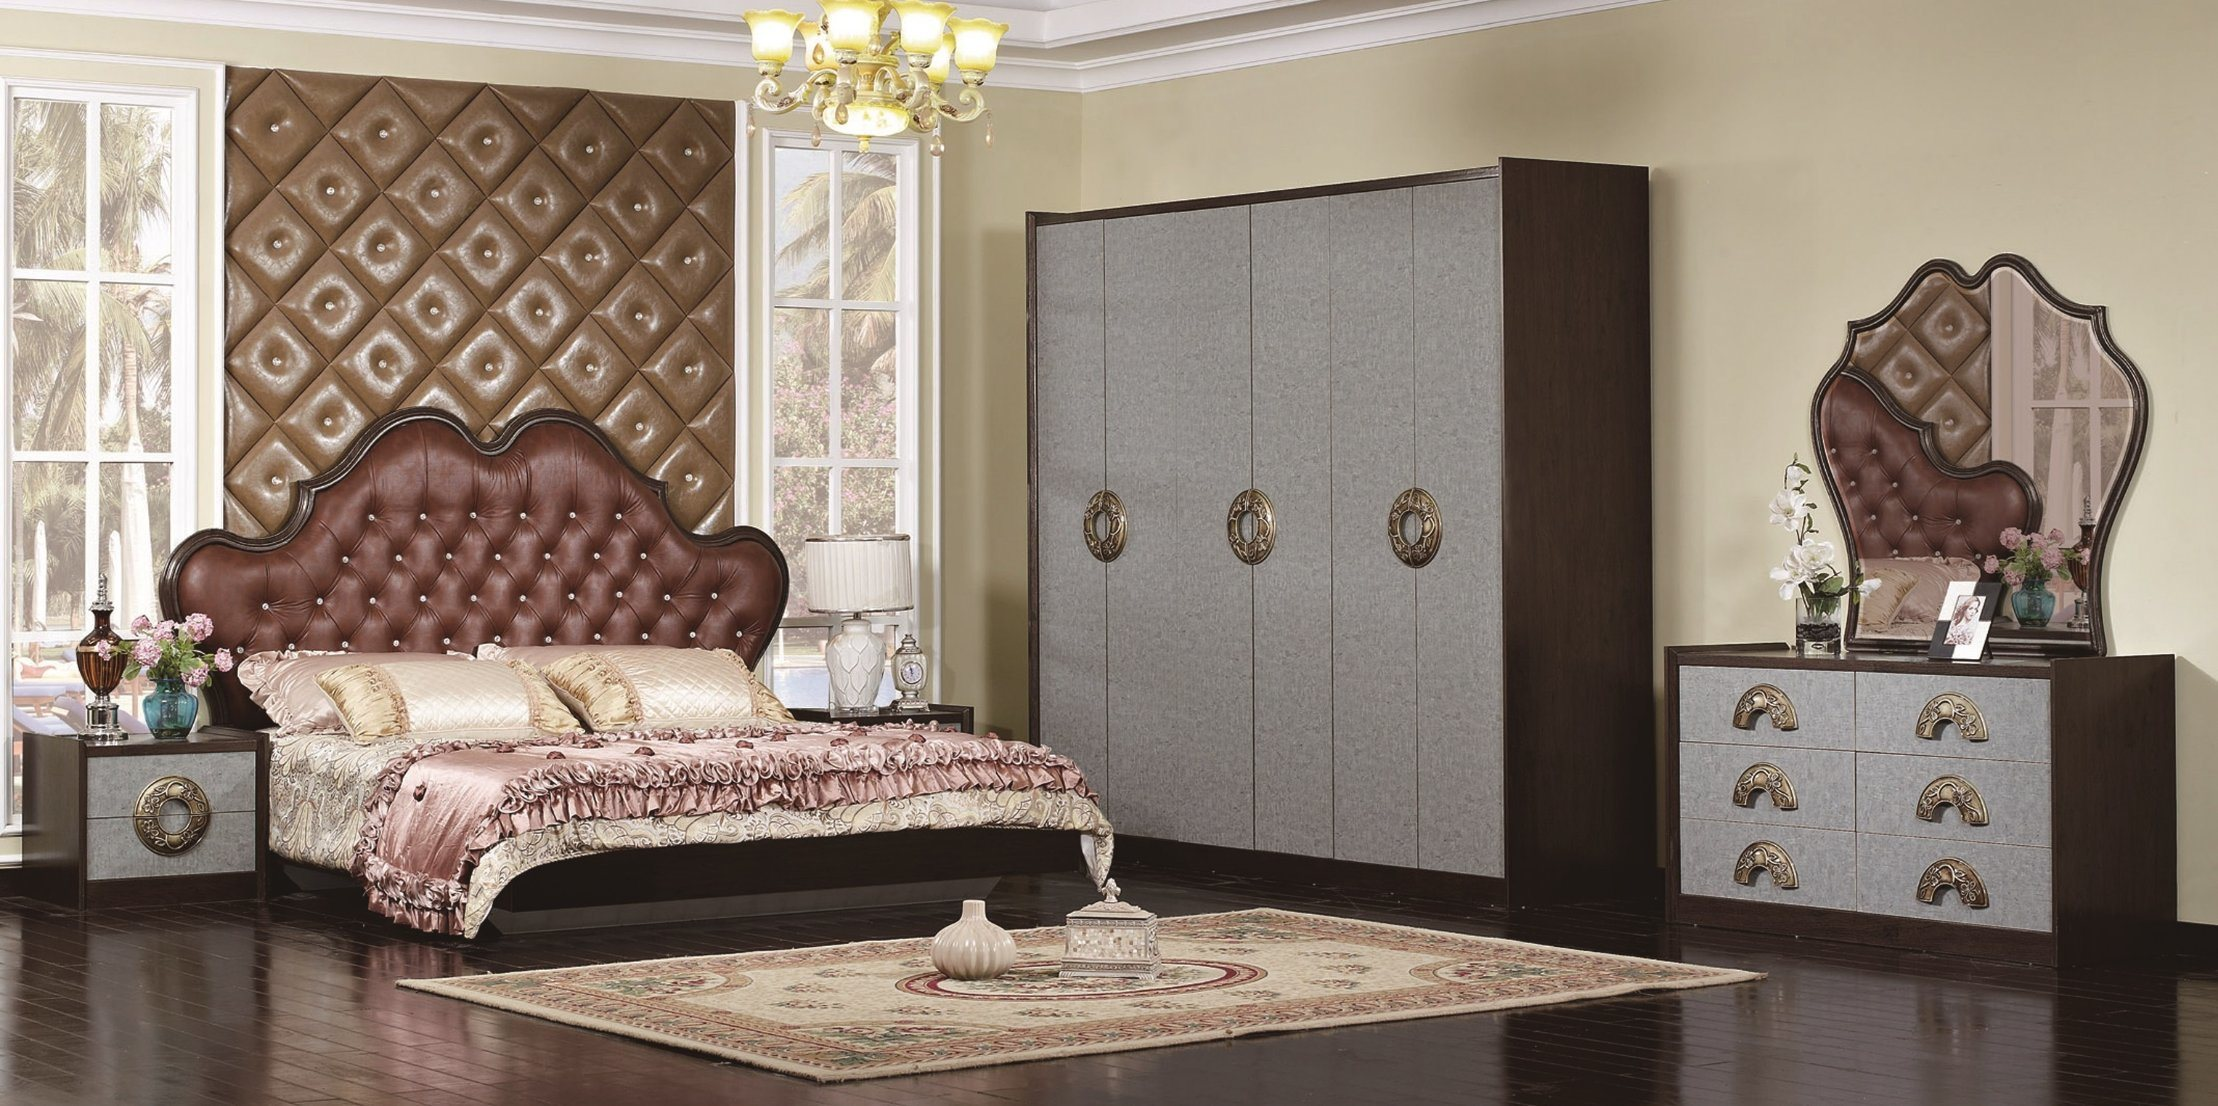 China New Design Modern Furniture Bedroom Sets Melamine ...